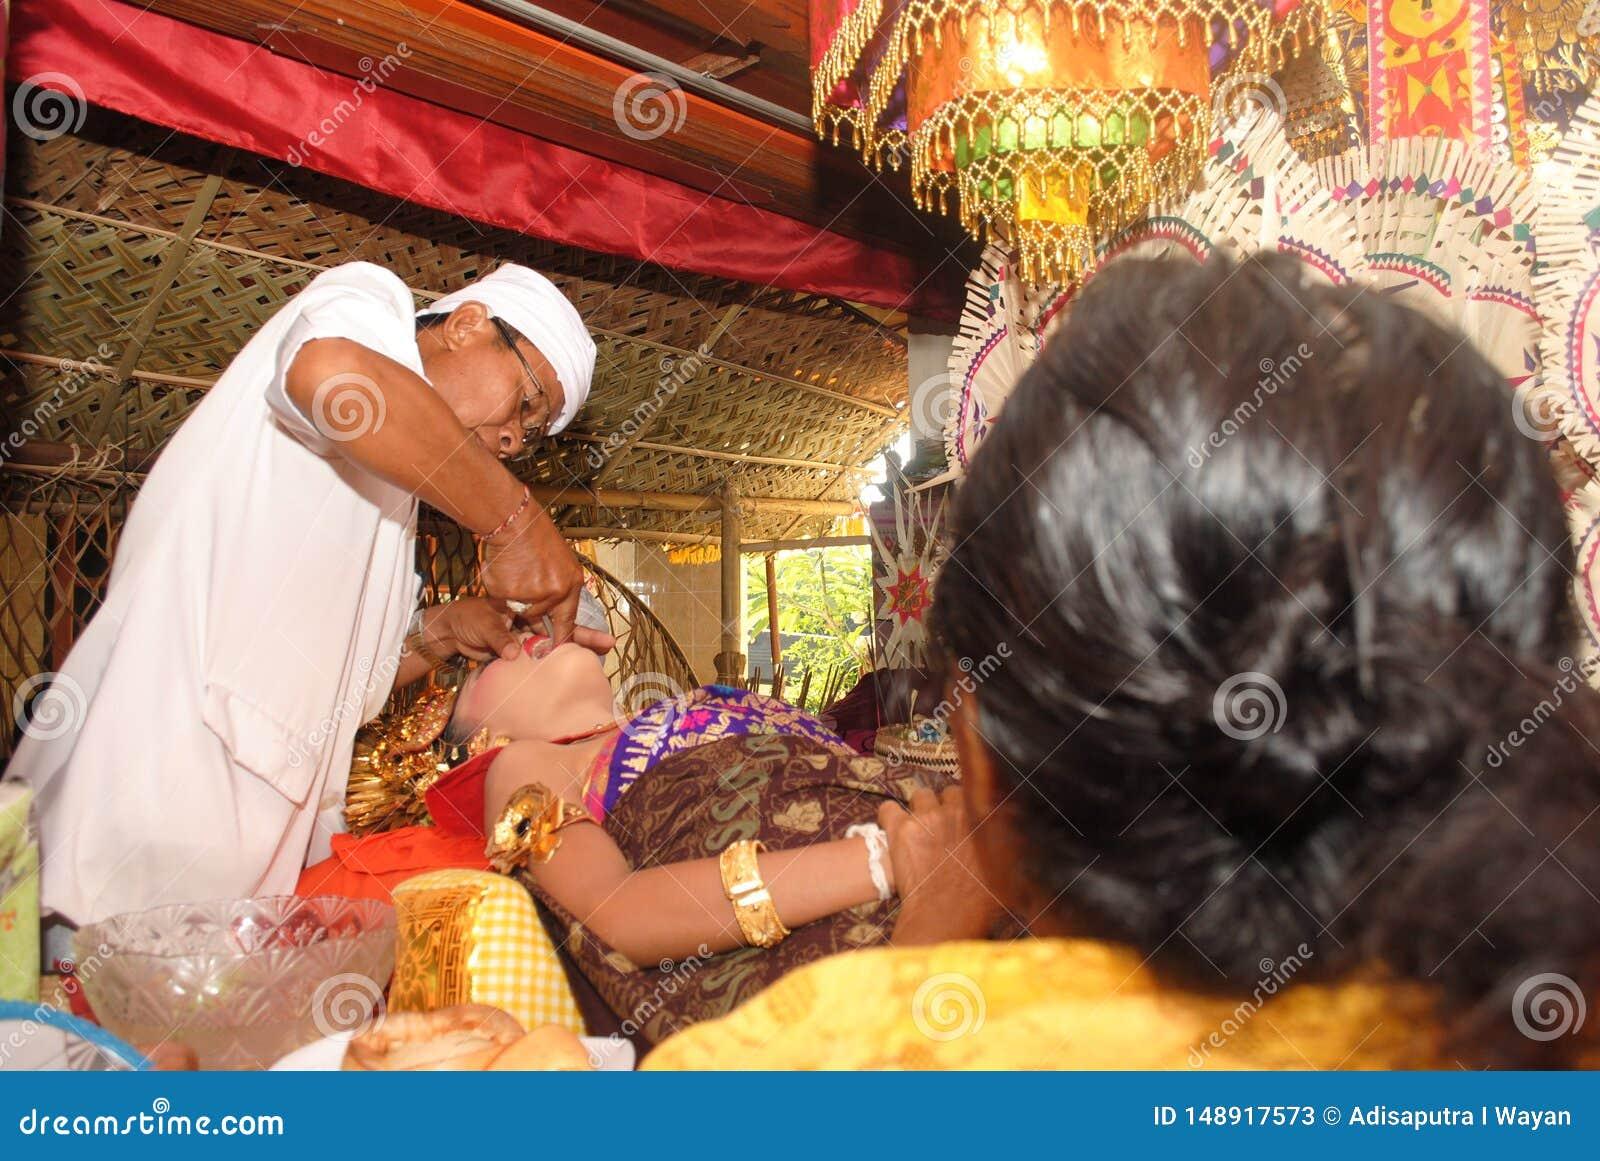 Balijczyk dziewczyna podczas Metatah ceremonii